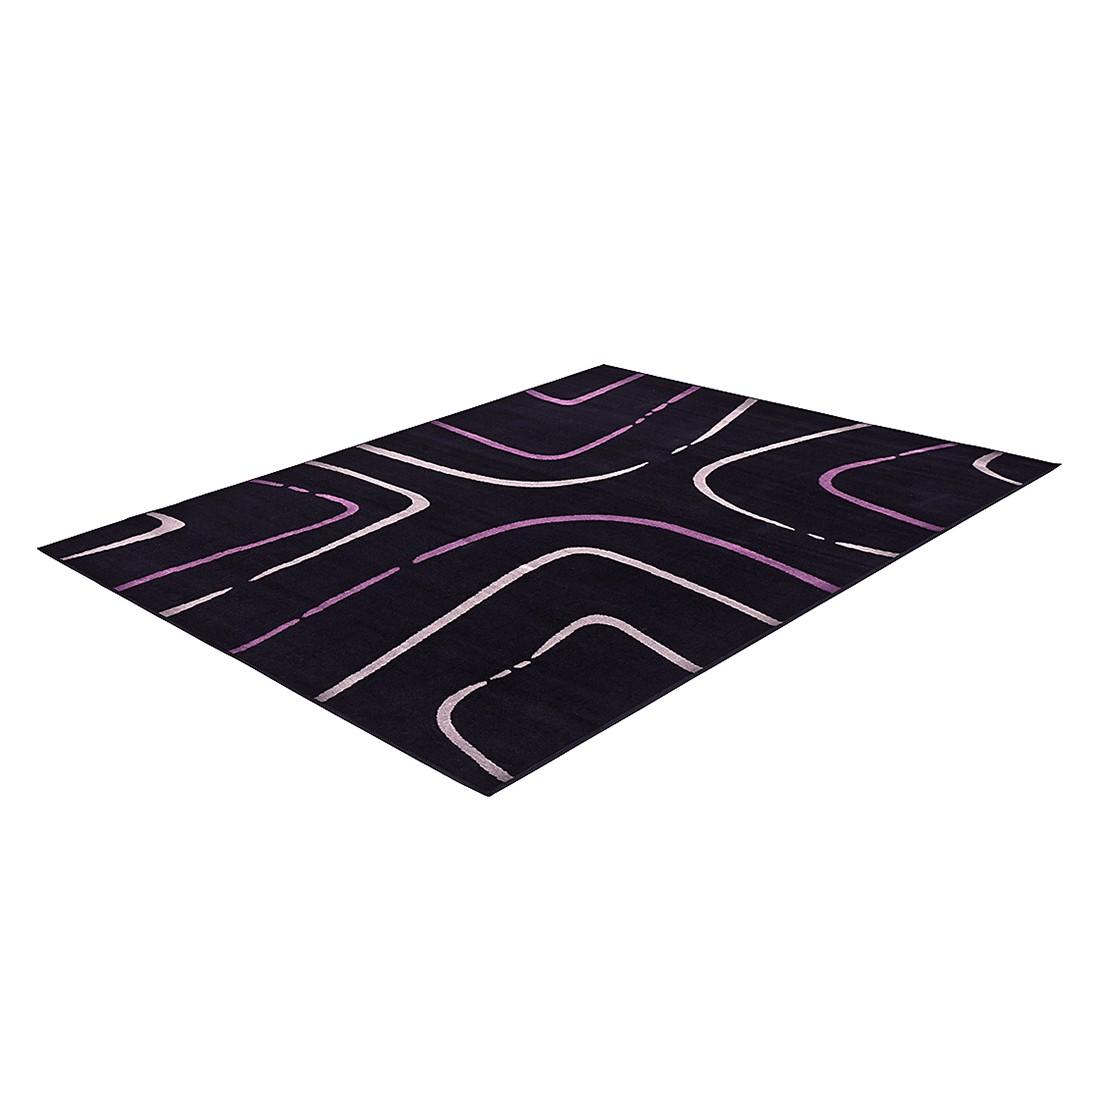 Teppich Prime Pile Abstract – Schwarz – 70 x 140 cm, Hanse Home Collection günstig bestellen